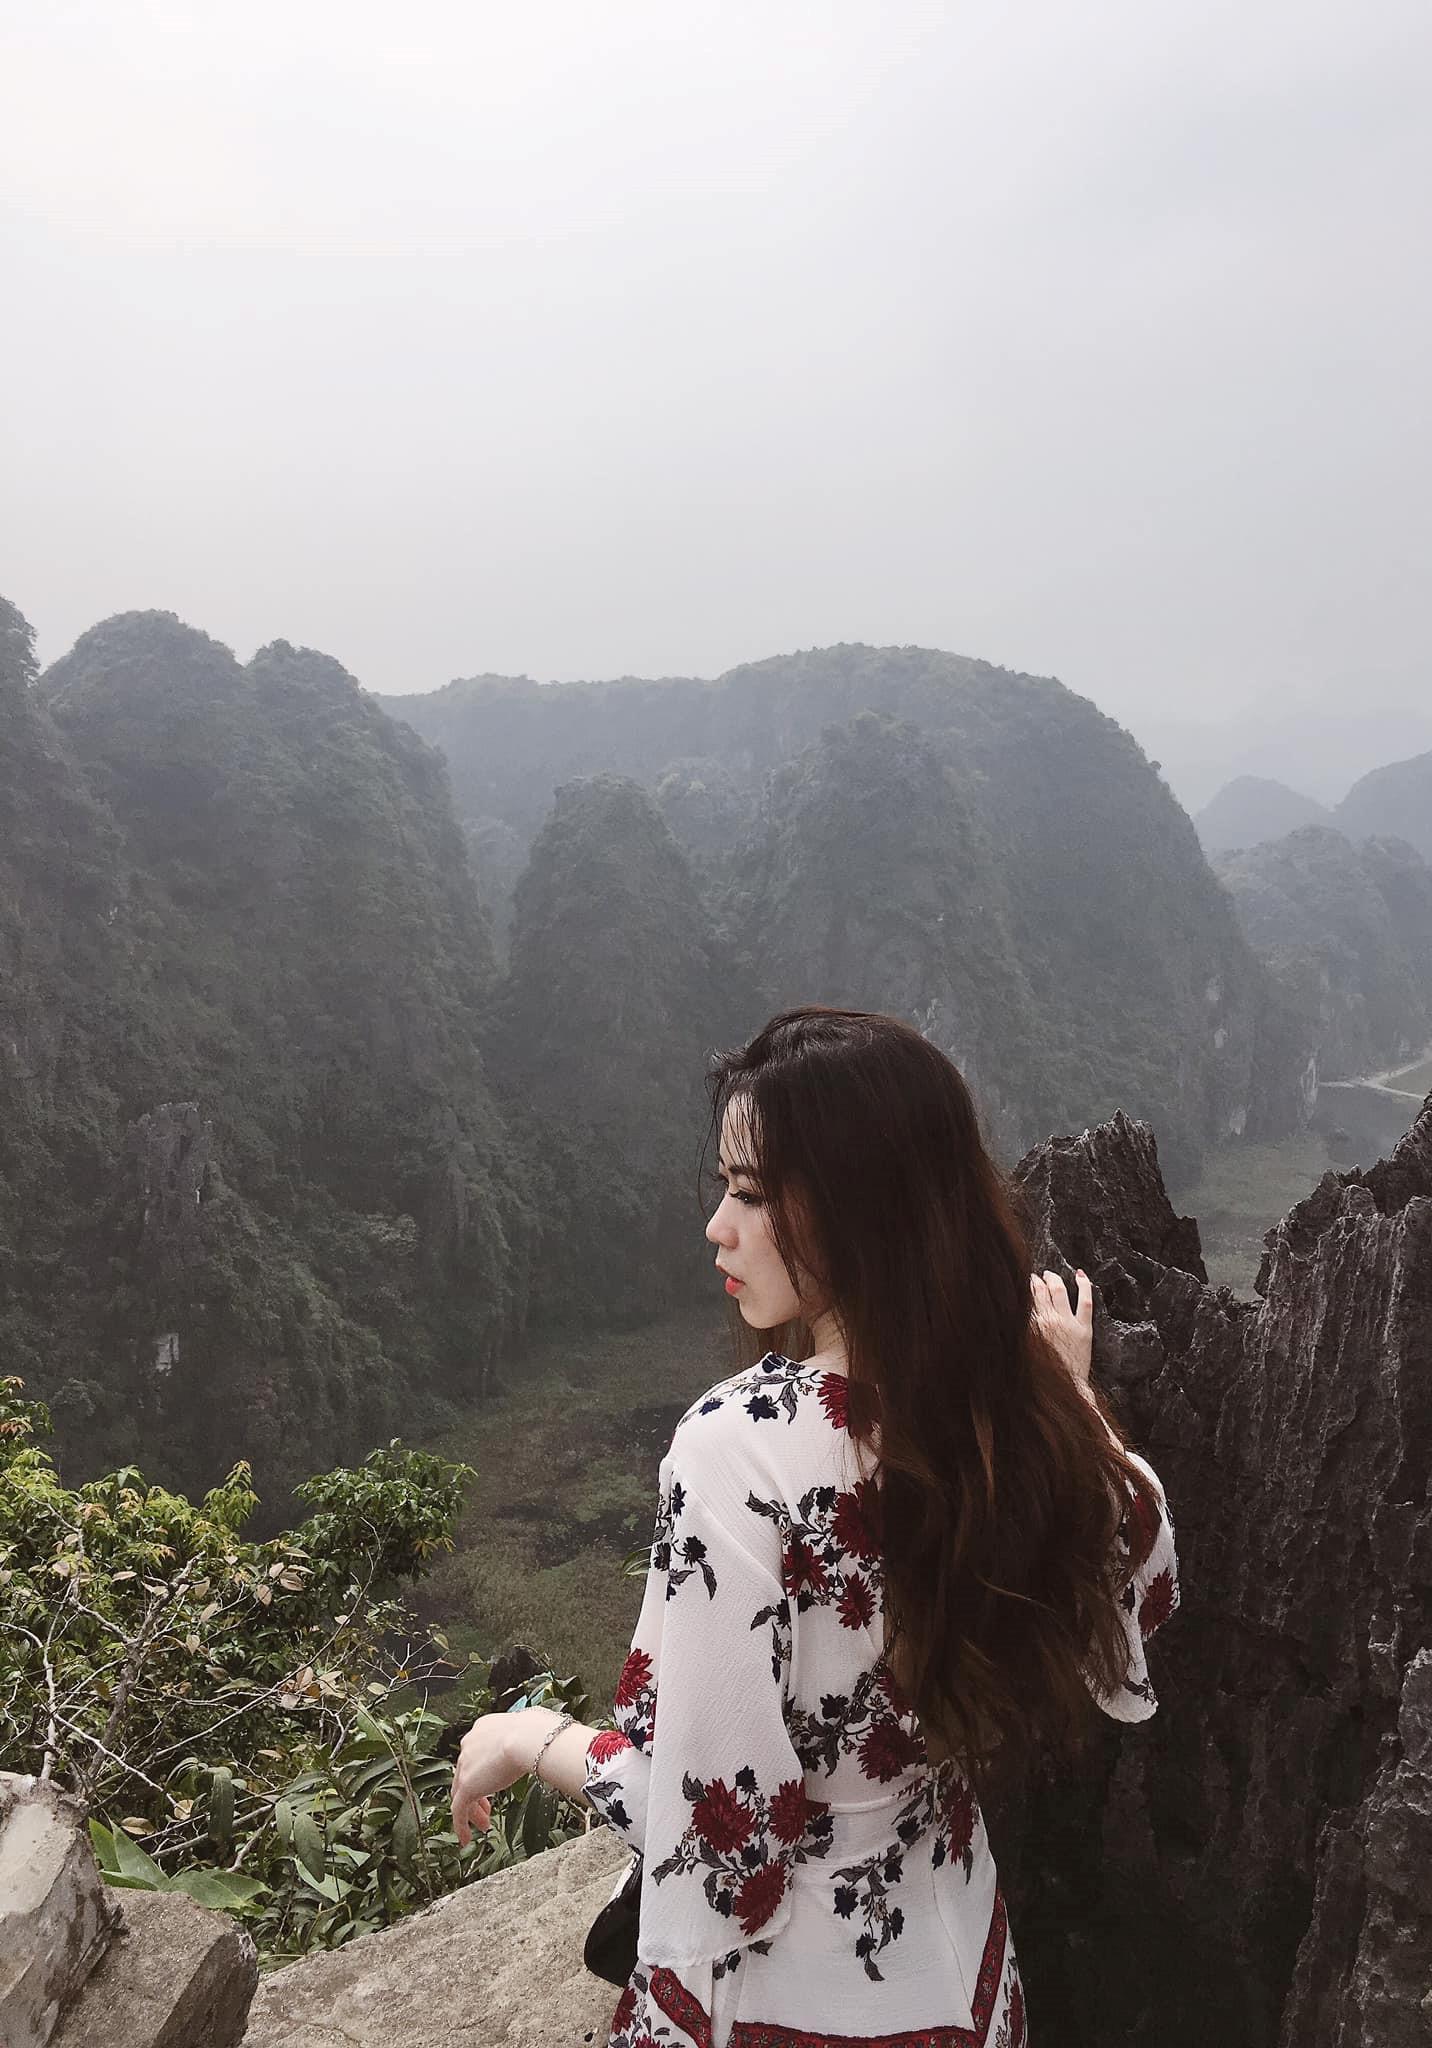 Hang Múa mờ ảo, khác biệt trong ảnh chỉnh sửa của giới trẻ Việt Ảnh 4